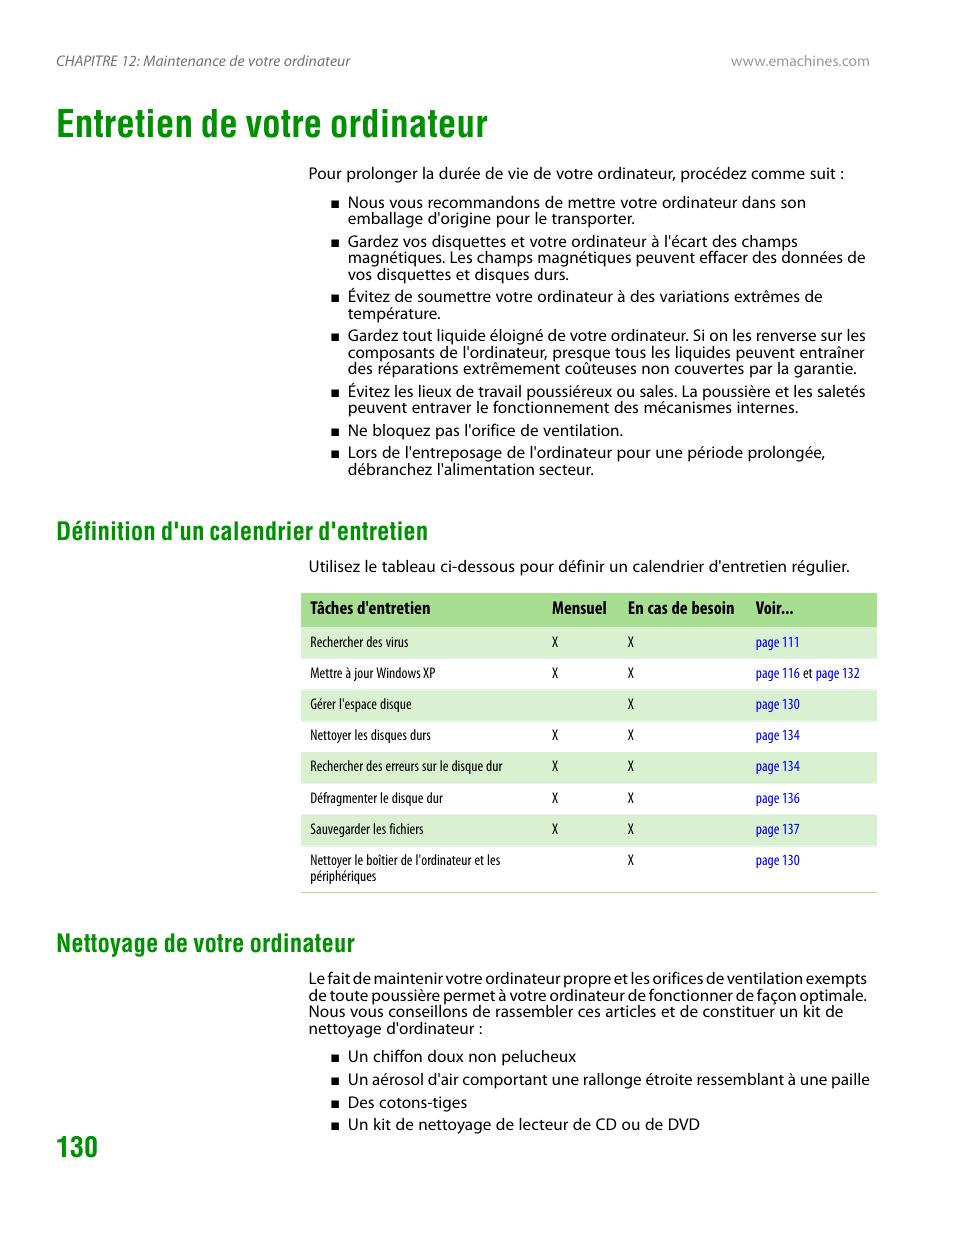 Calendrier Definition.Entretien De Votre Ordinateur Definition D Un Calendrier D